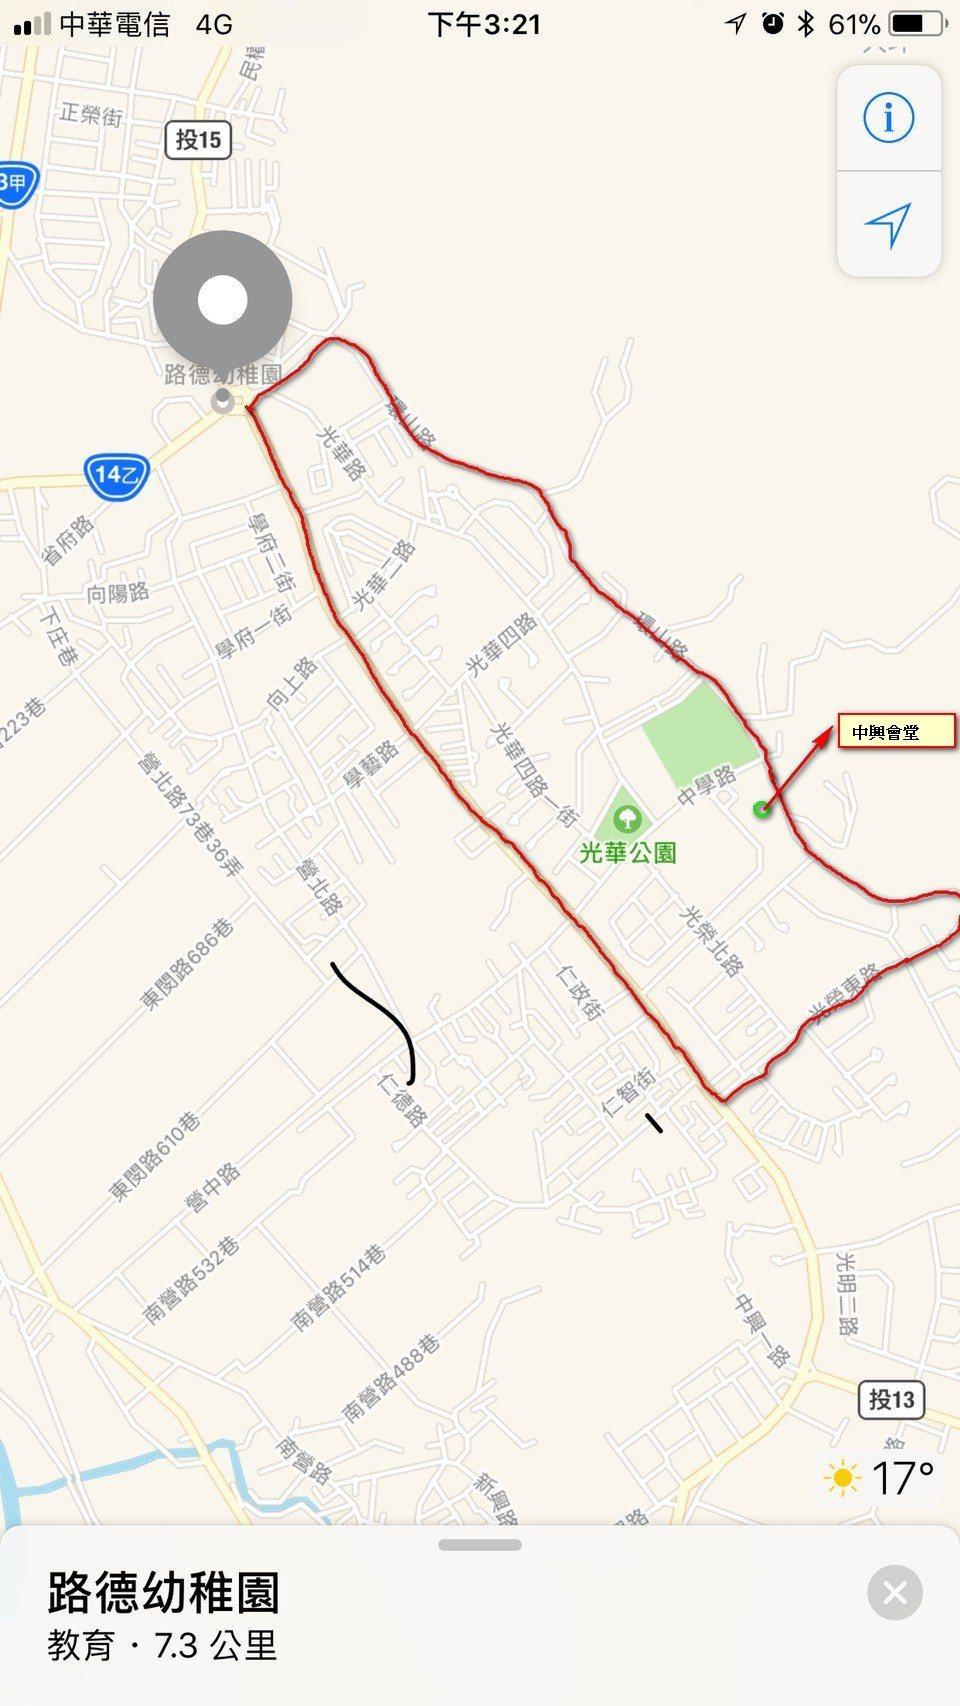 蔡英文明天將到中興新村大會堂,圖為管制區圖,南北長約二公里、寬約八百公尺。 記者...